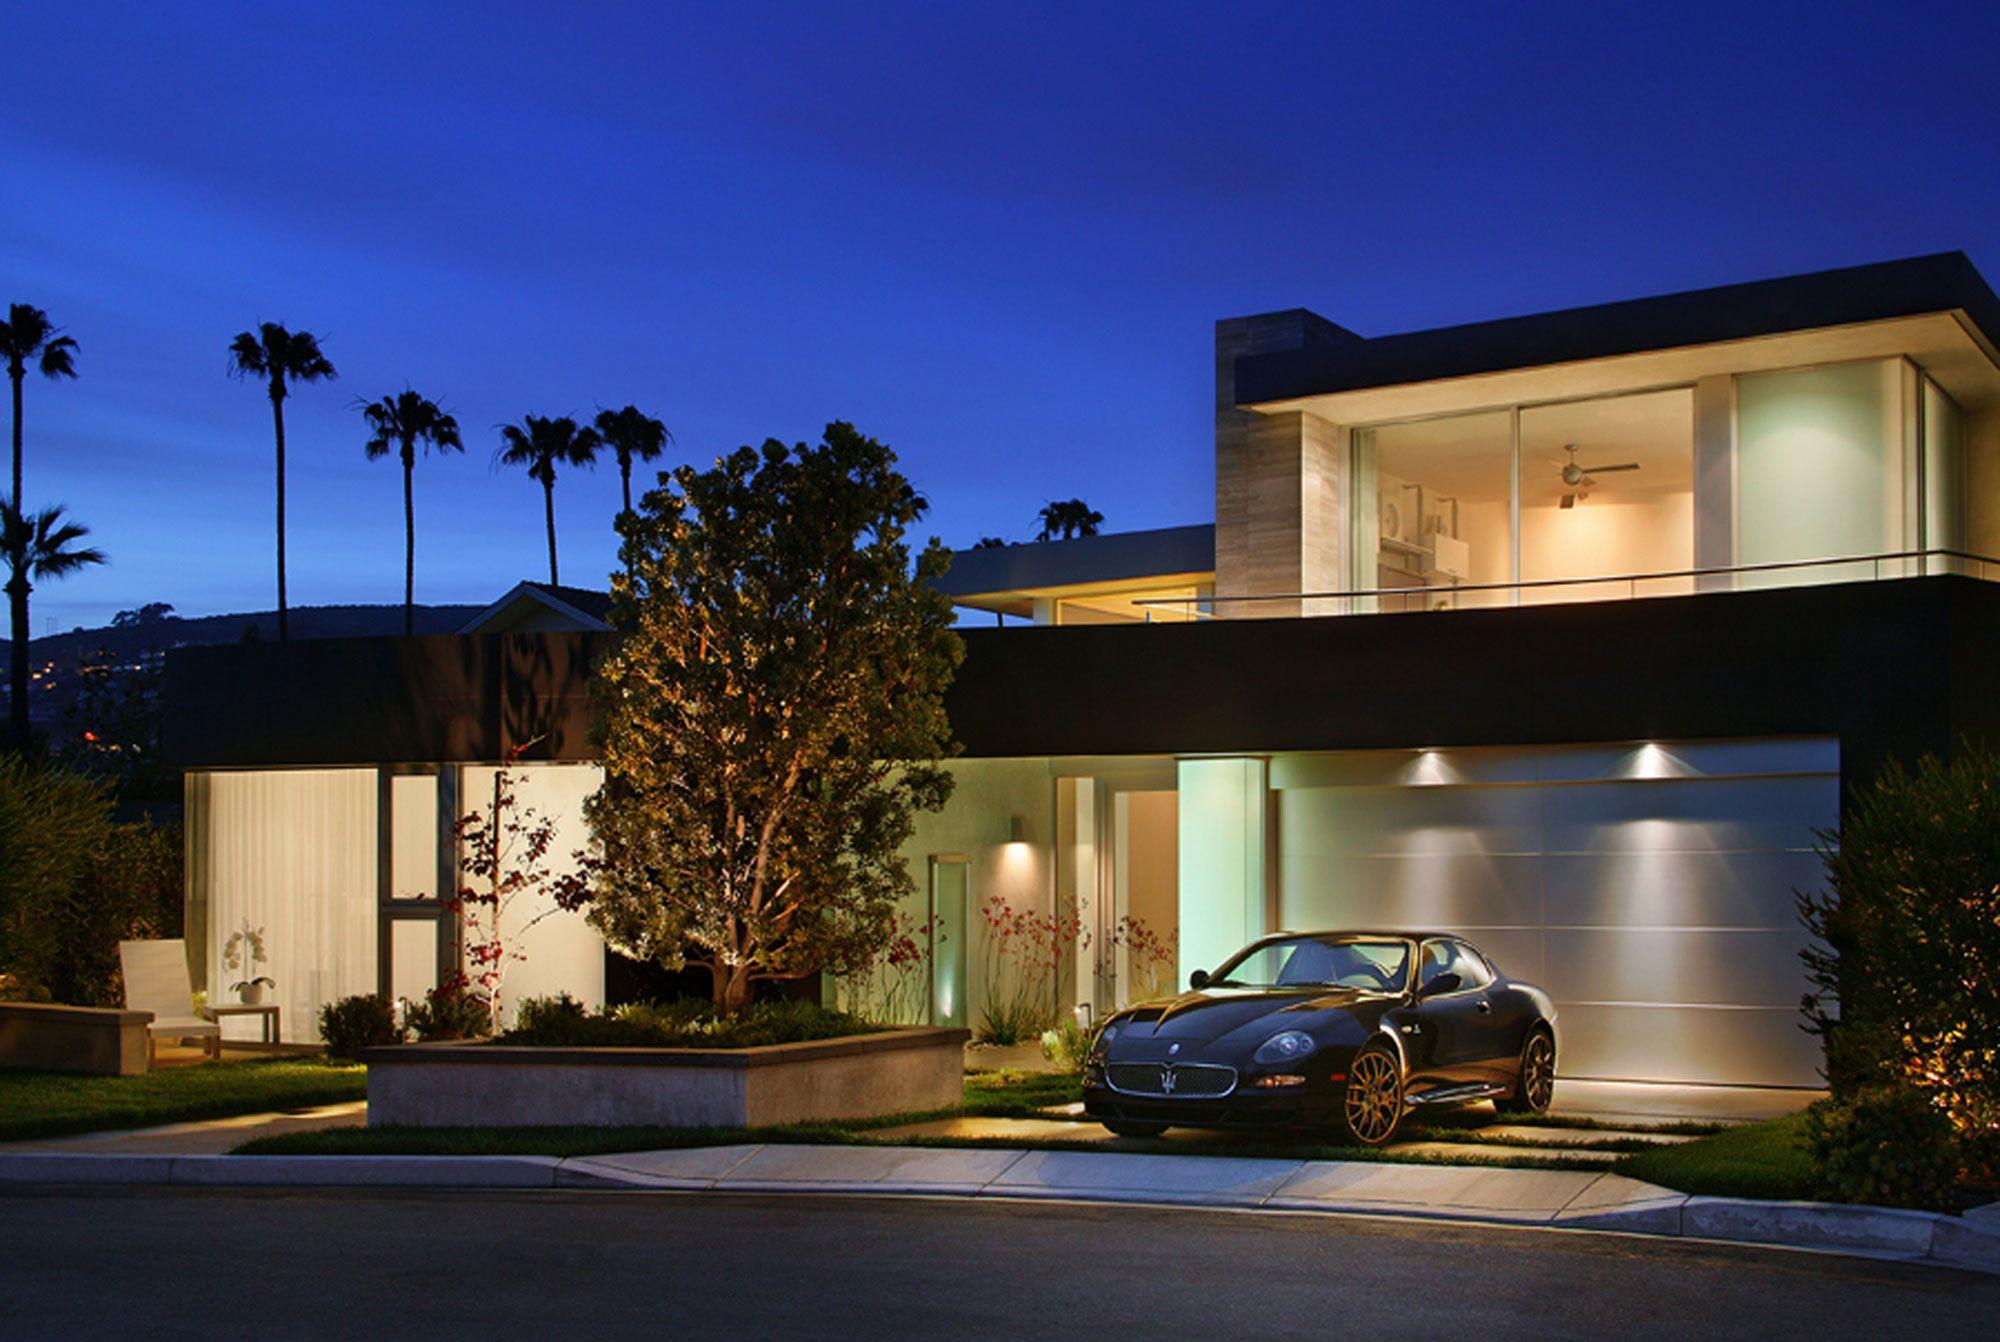 Modern House Garage Design House Interior With Modern Garage Design